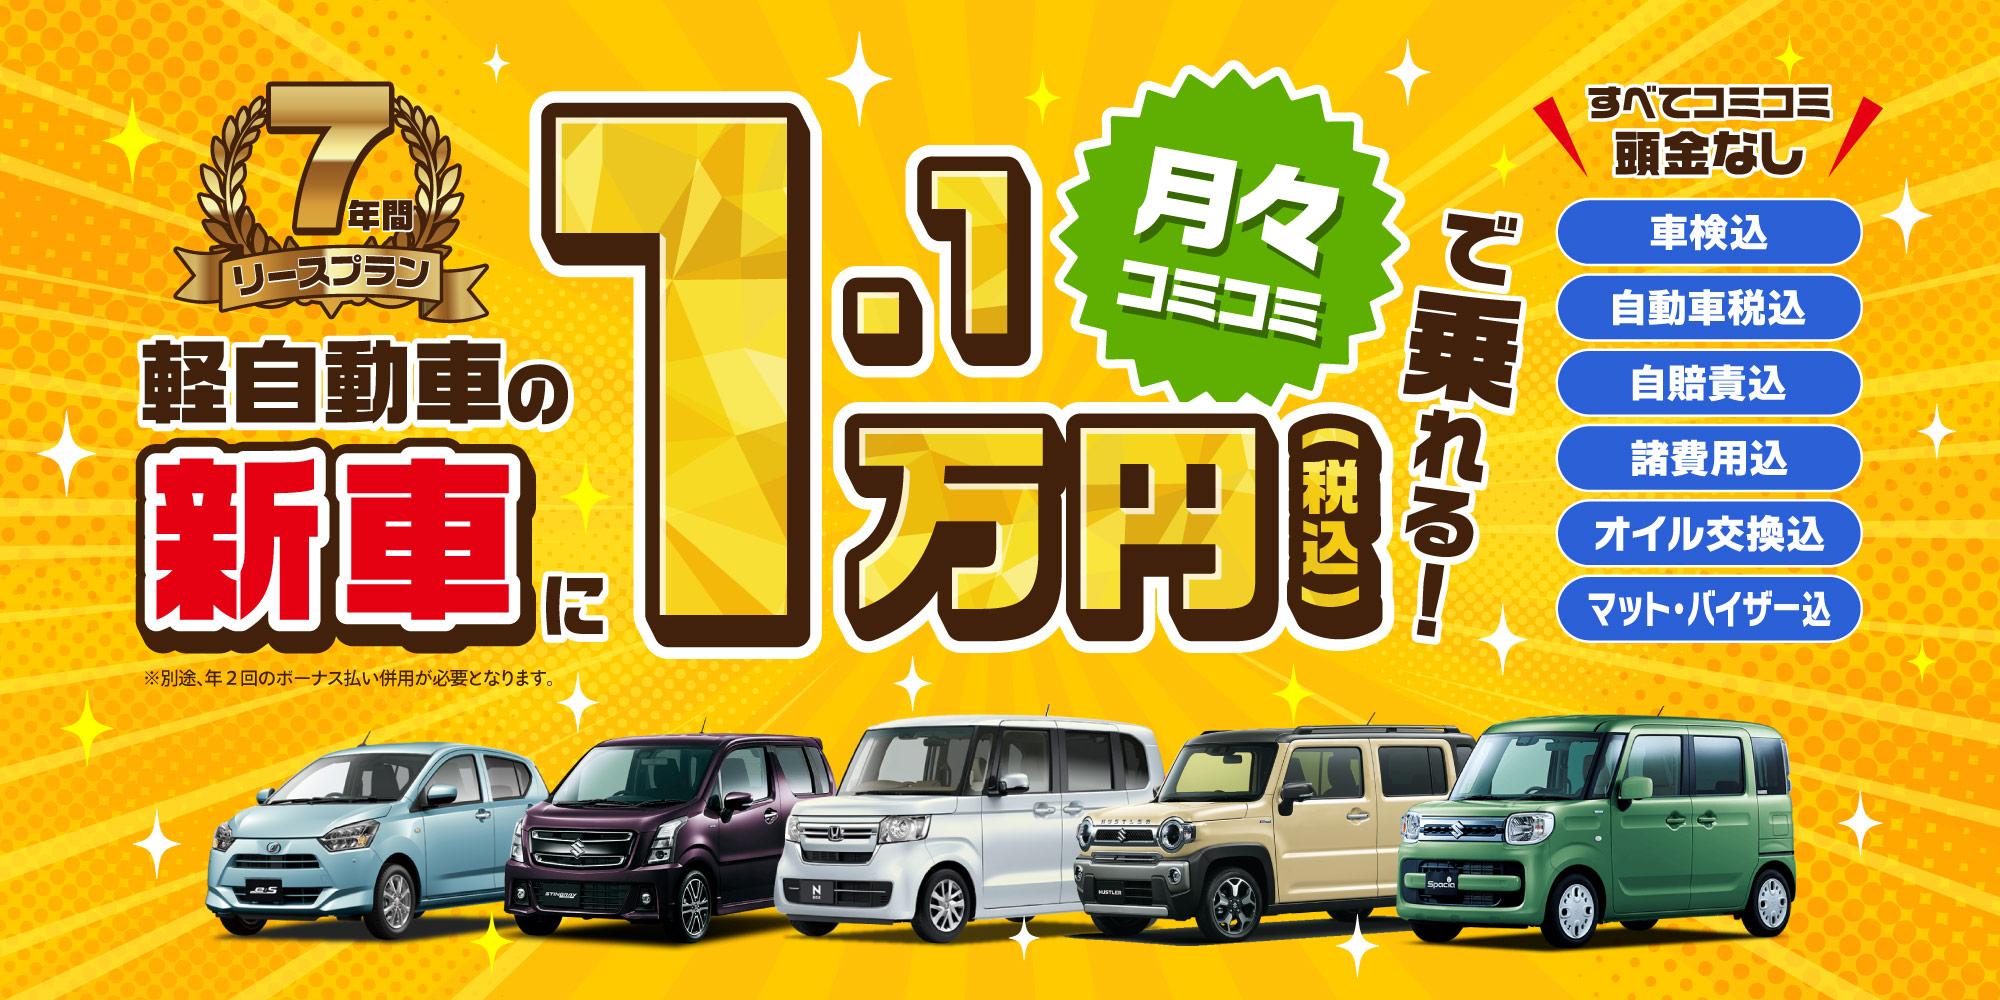 新車の軽自動車に月々1.1万円(税込)~乗れる